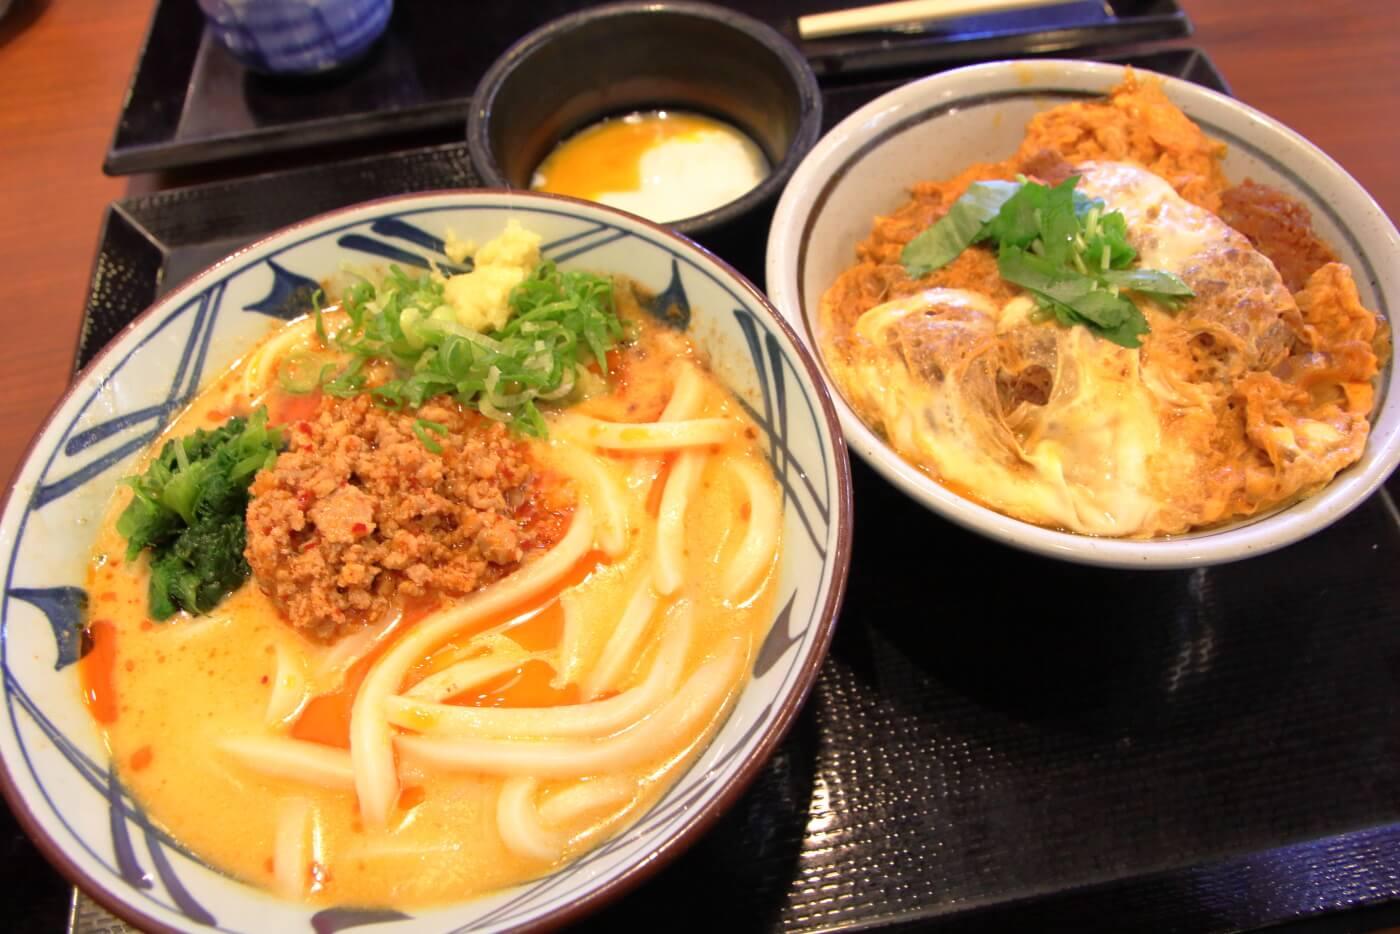 丸亀製麺の期間限定メニュー うま辛坦々うどんとカツ丼